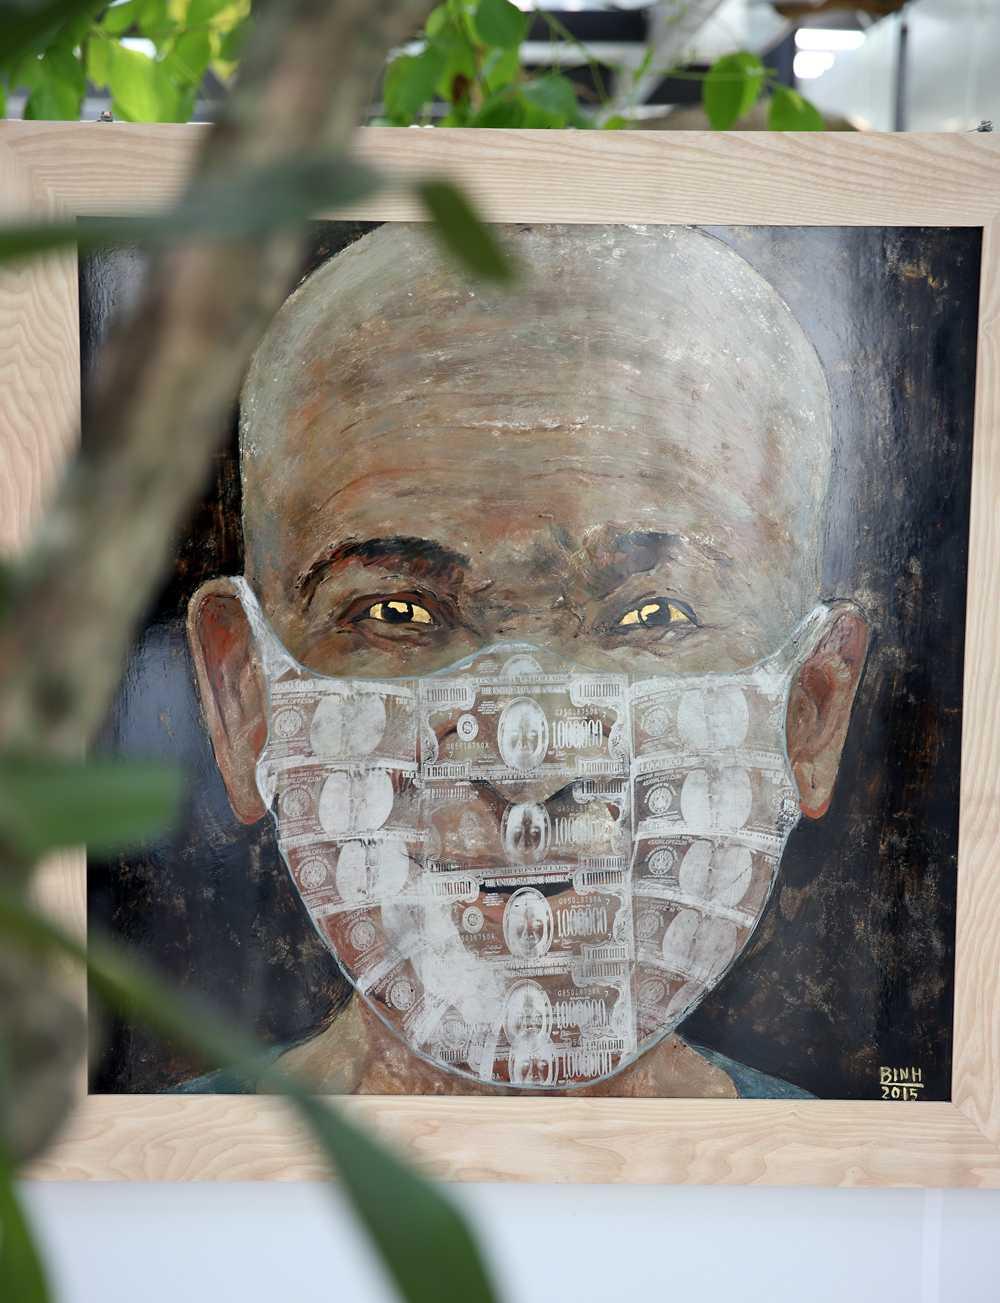 Một bức tranh trưng bày tại Viet Art Space (Ảnh: Phạm Thành)